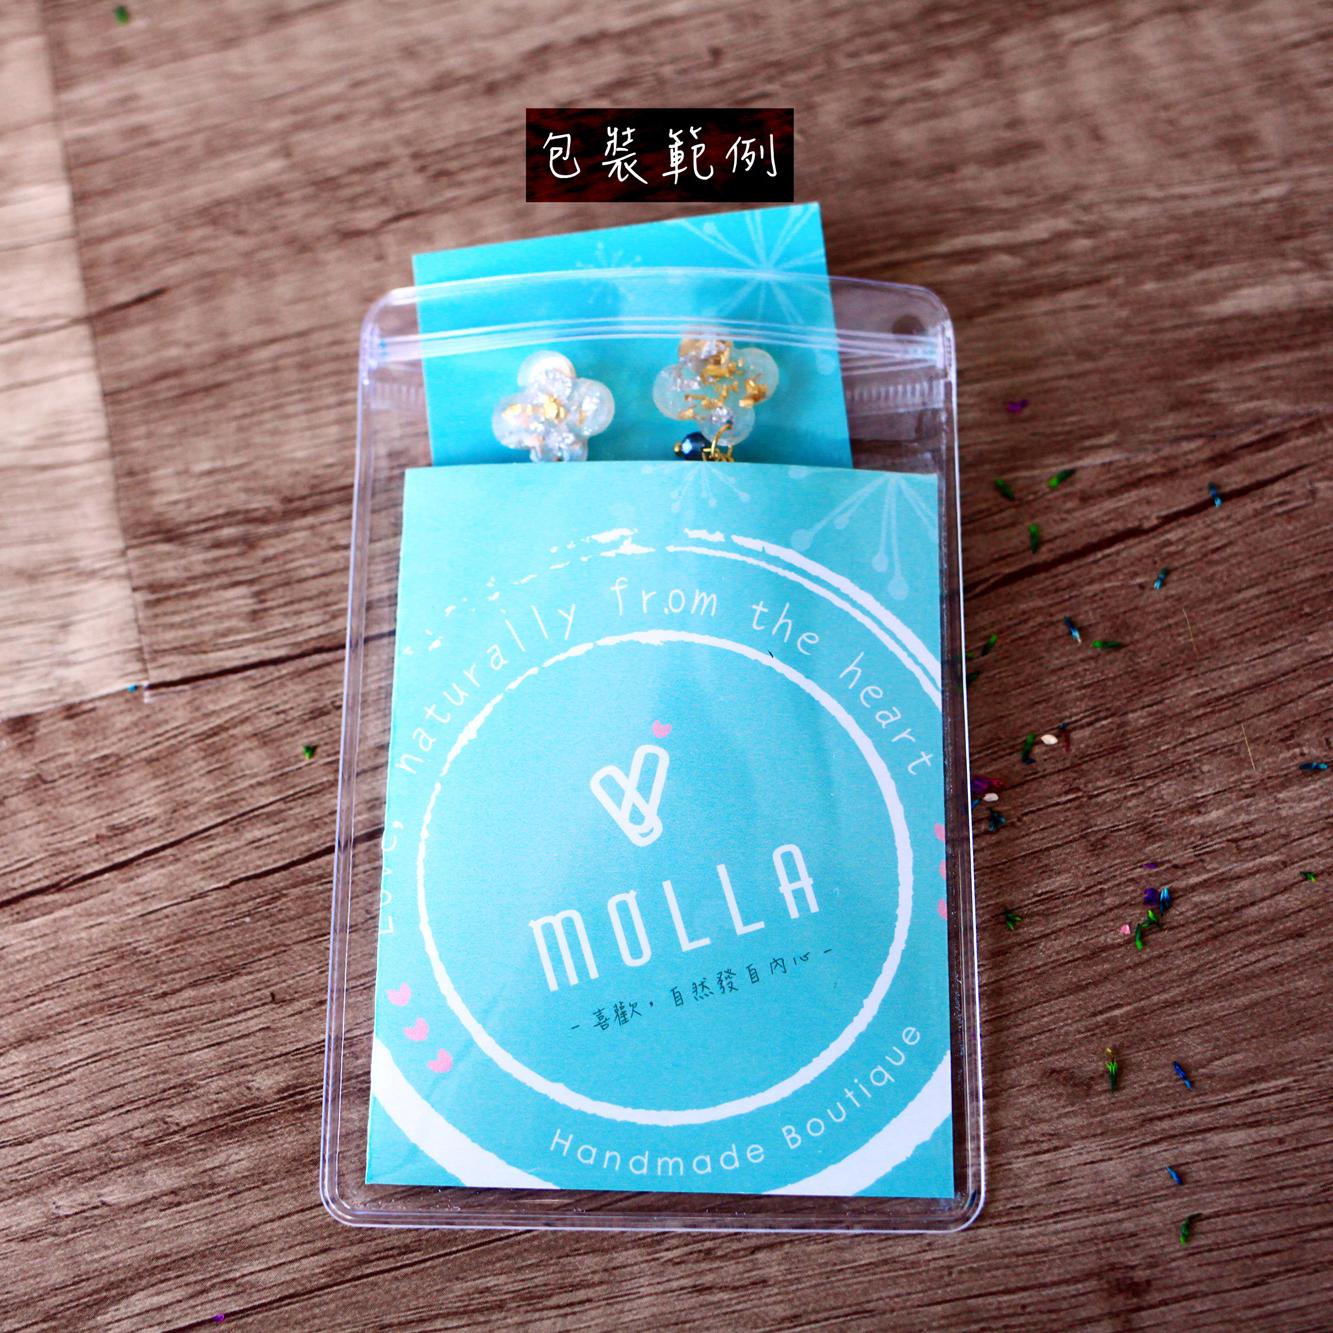 Molla 海藍箔金半圓兩用耳環(純銀針耳環-手工訂製)